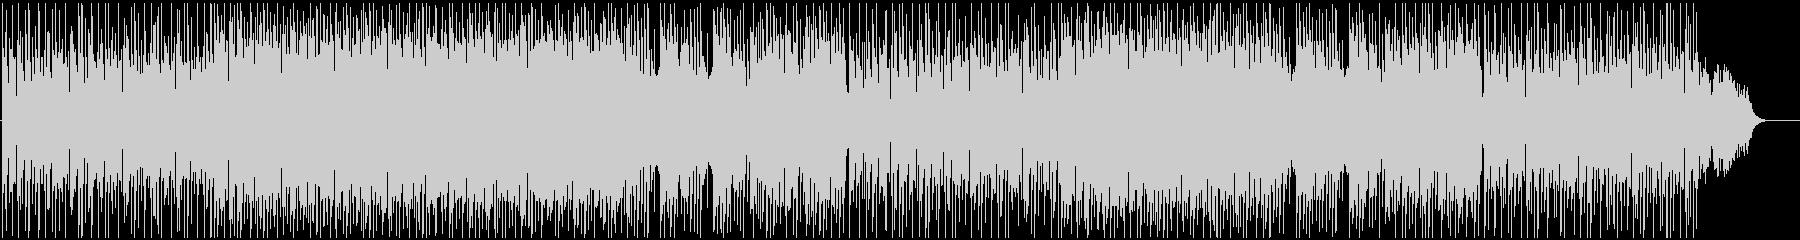 軽快で明るいメロディーのBGMの未再生の波形